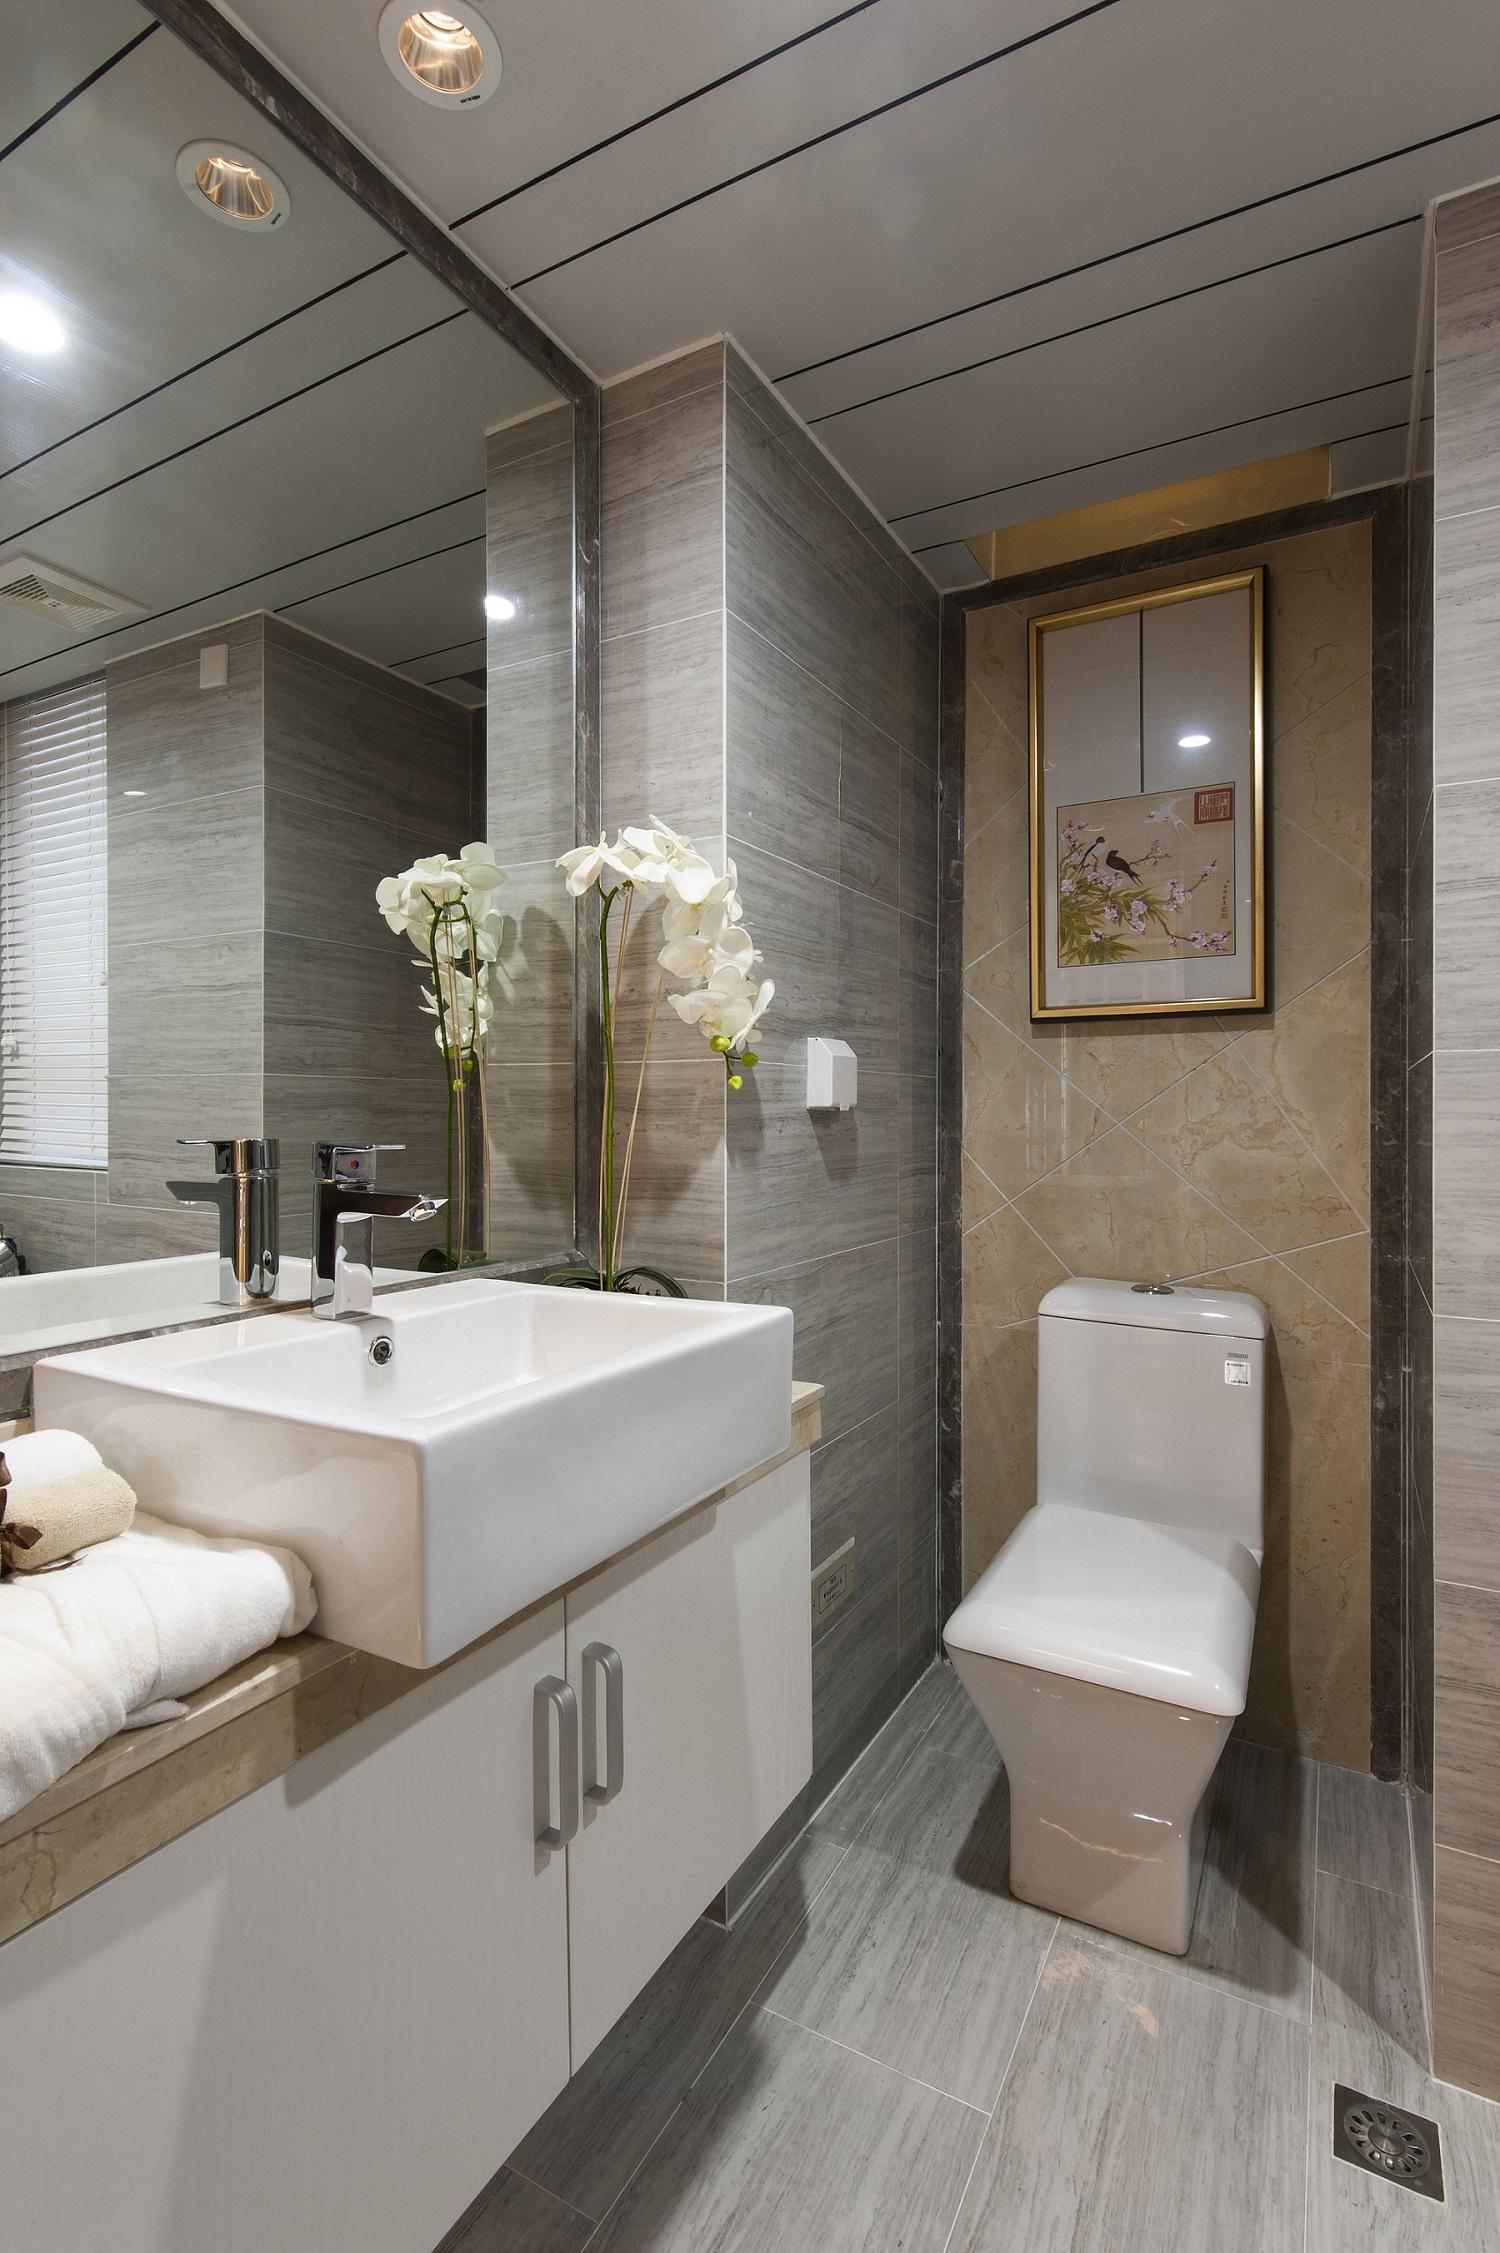 卫生间整体打造为浅色空间,视觉效果通透明亮。